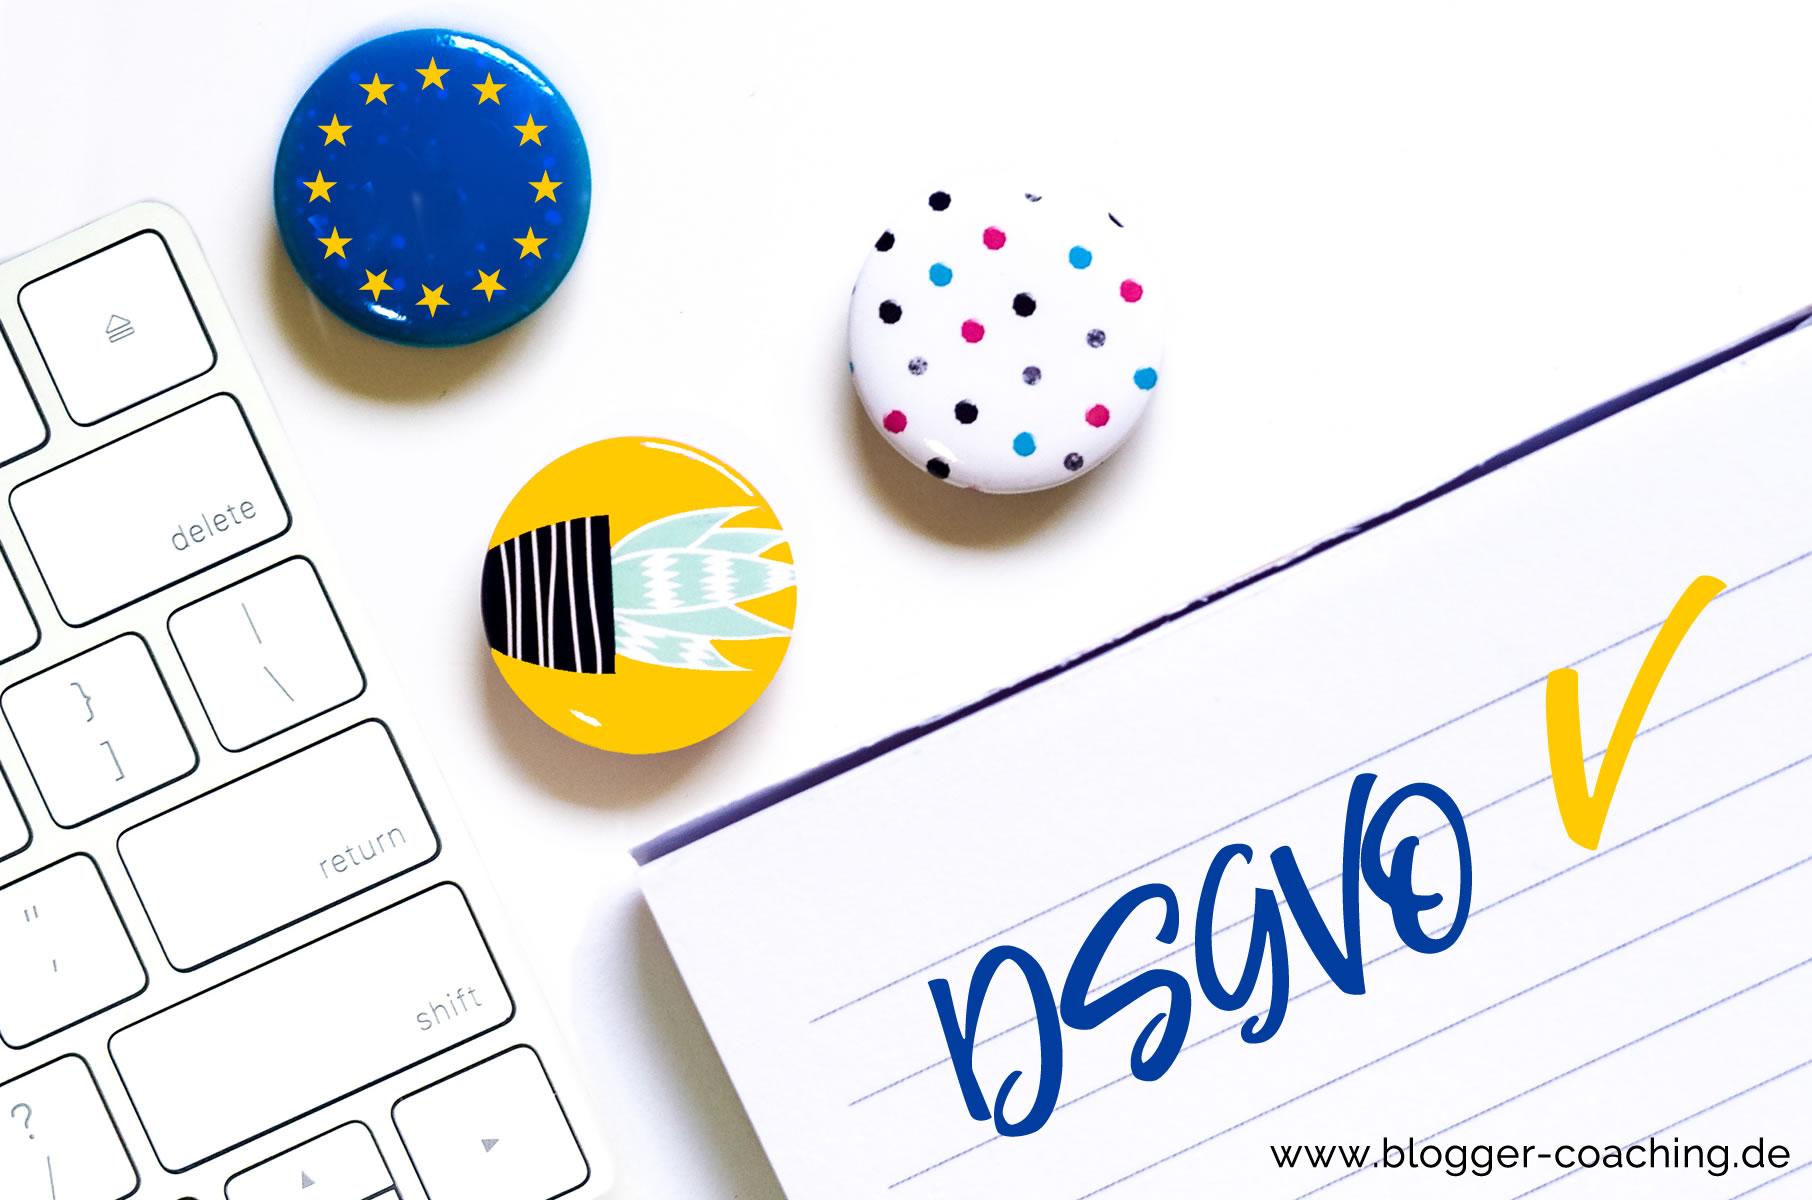 Datenschutzgrundverordnung: DSGVO für Blogger & Websitebetreiber